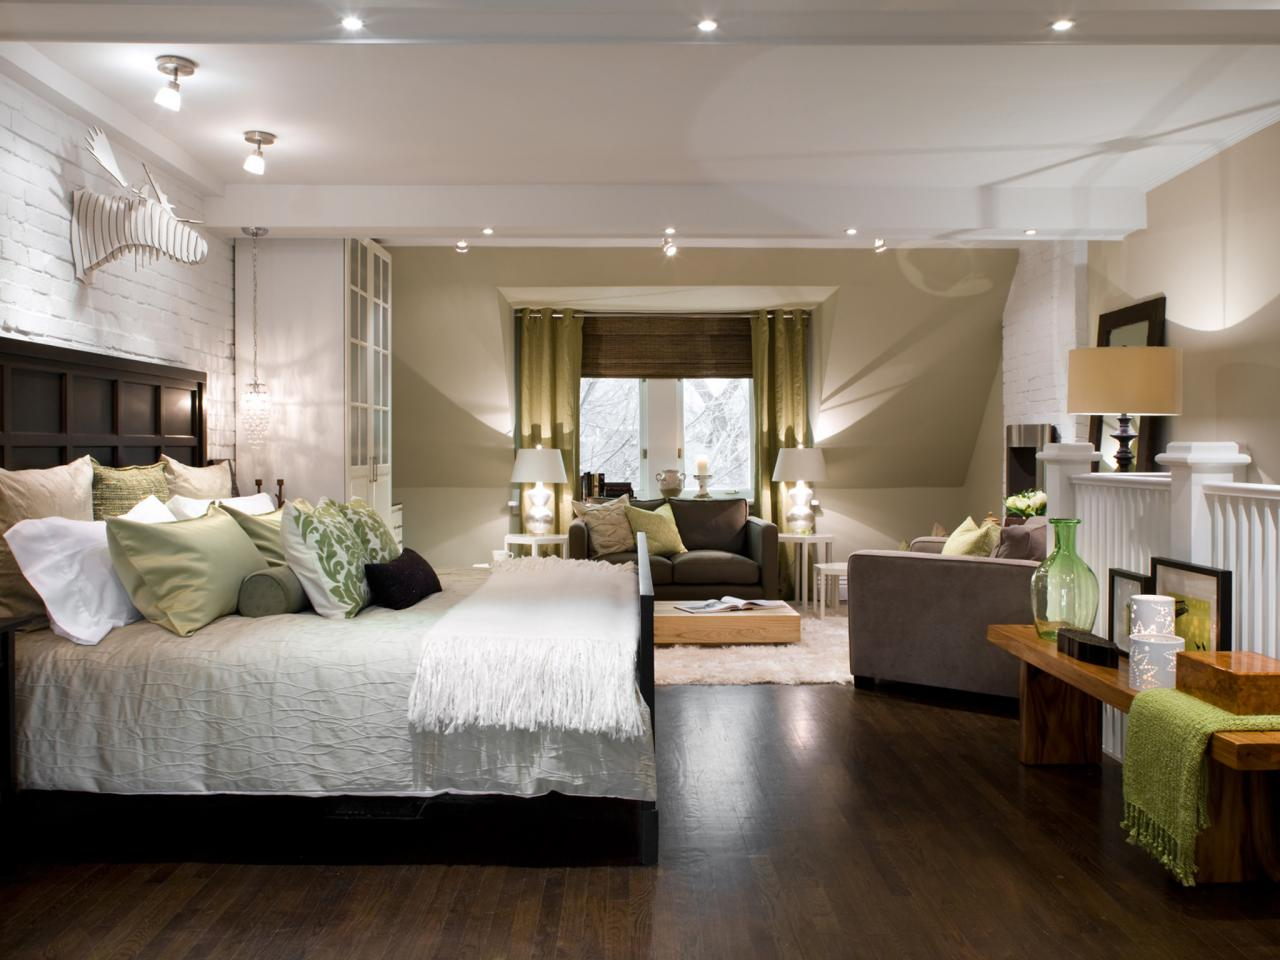 اصول نورپردازی فضاهای داخلی ساختمان